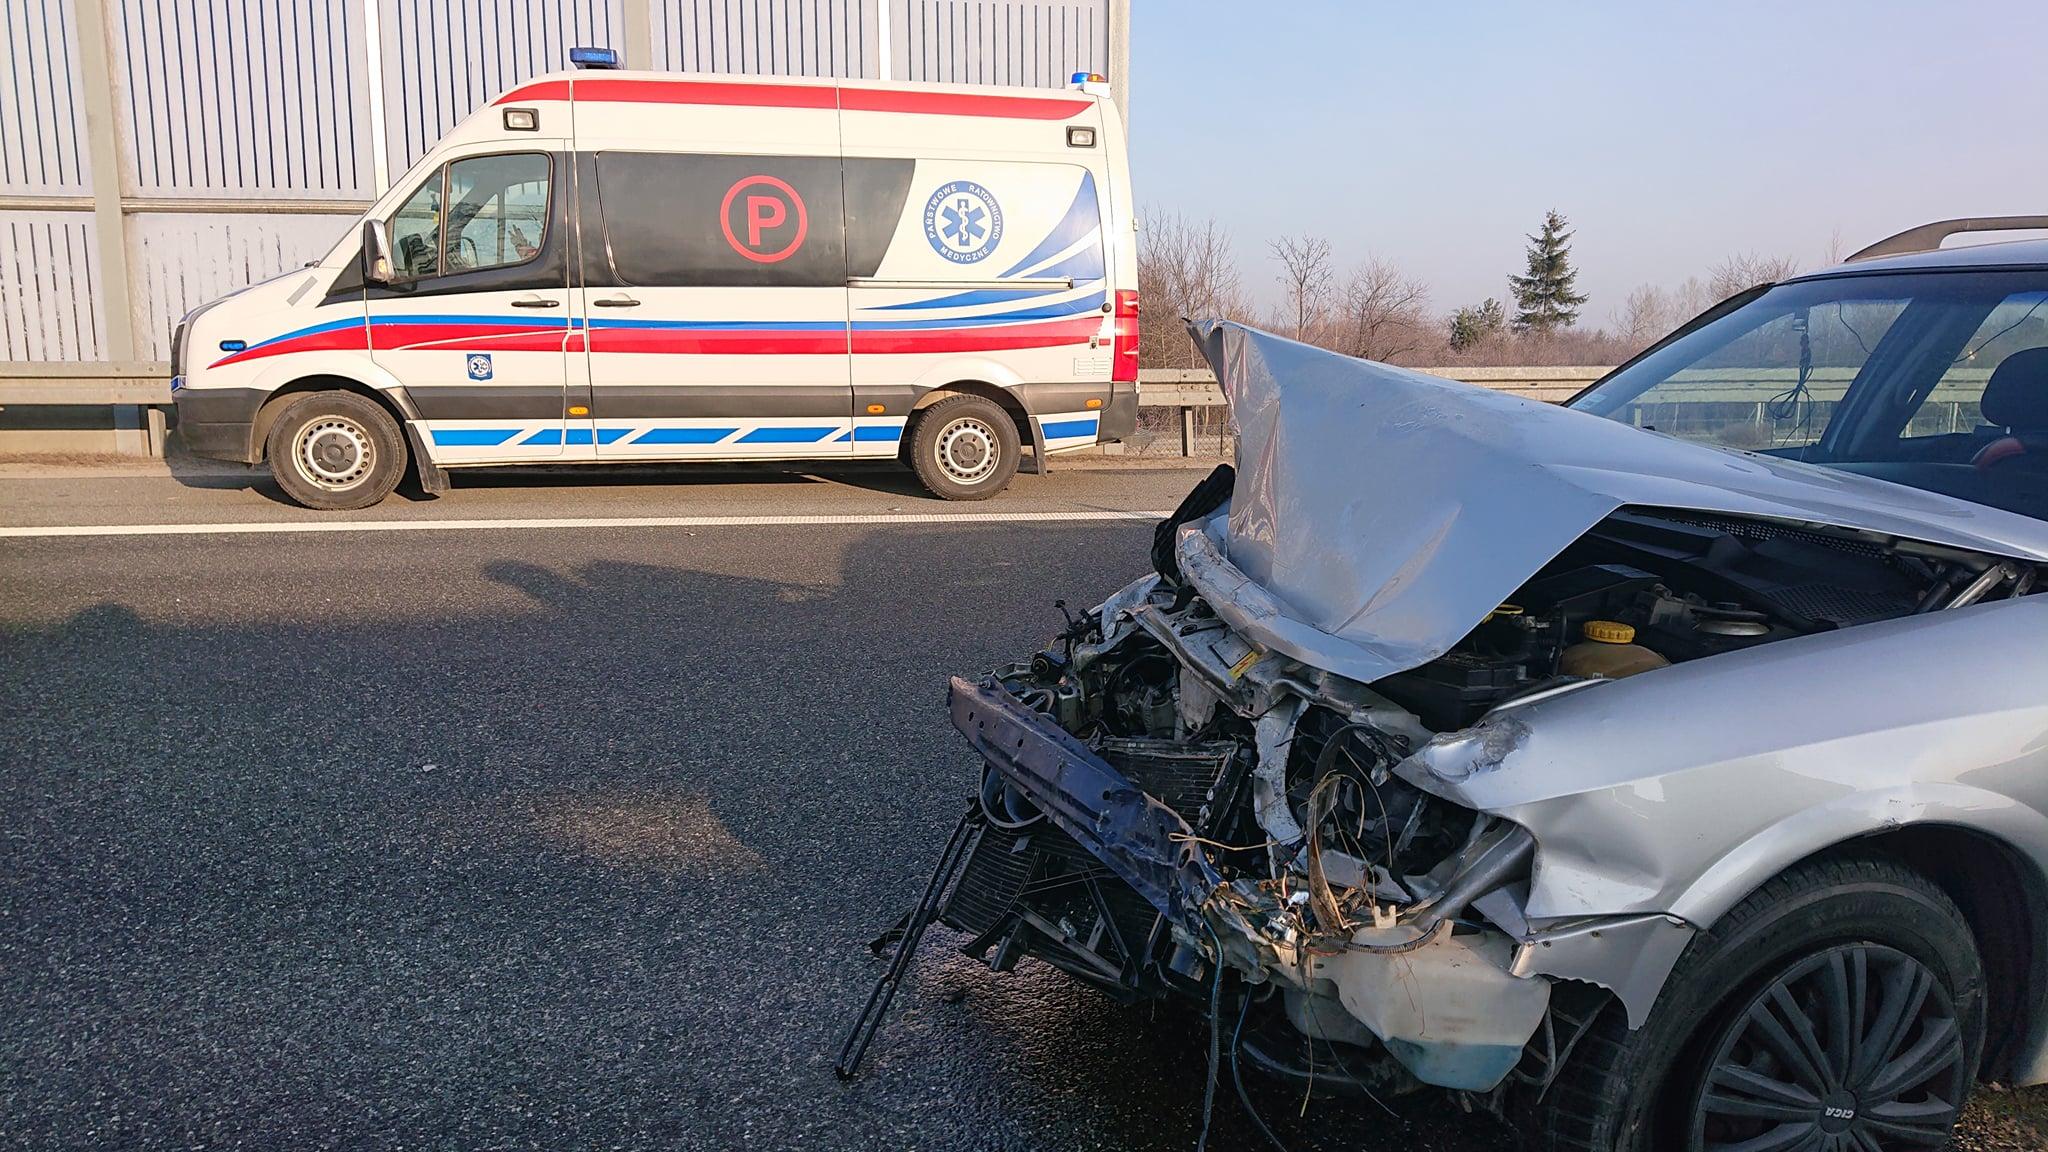 Wypadek na drodze krajowej. Dwie osoby ranne [ZDJĘCIA] - Zdjęcie główne